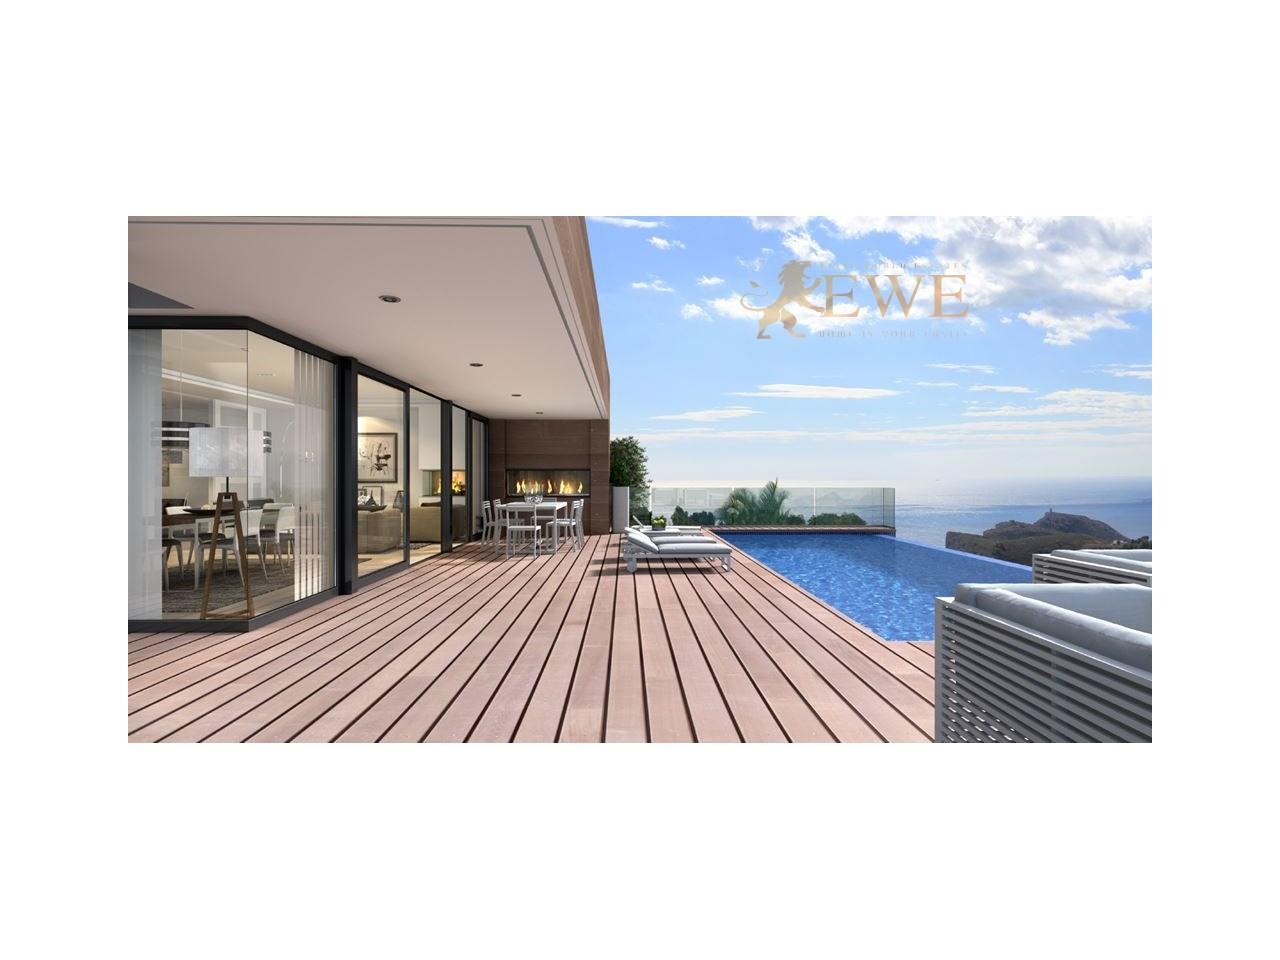 EWE - spektakuläre moderne Villa befindet sich in Cumbre del Sol, Beni